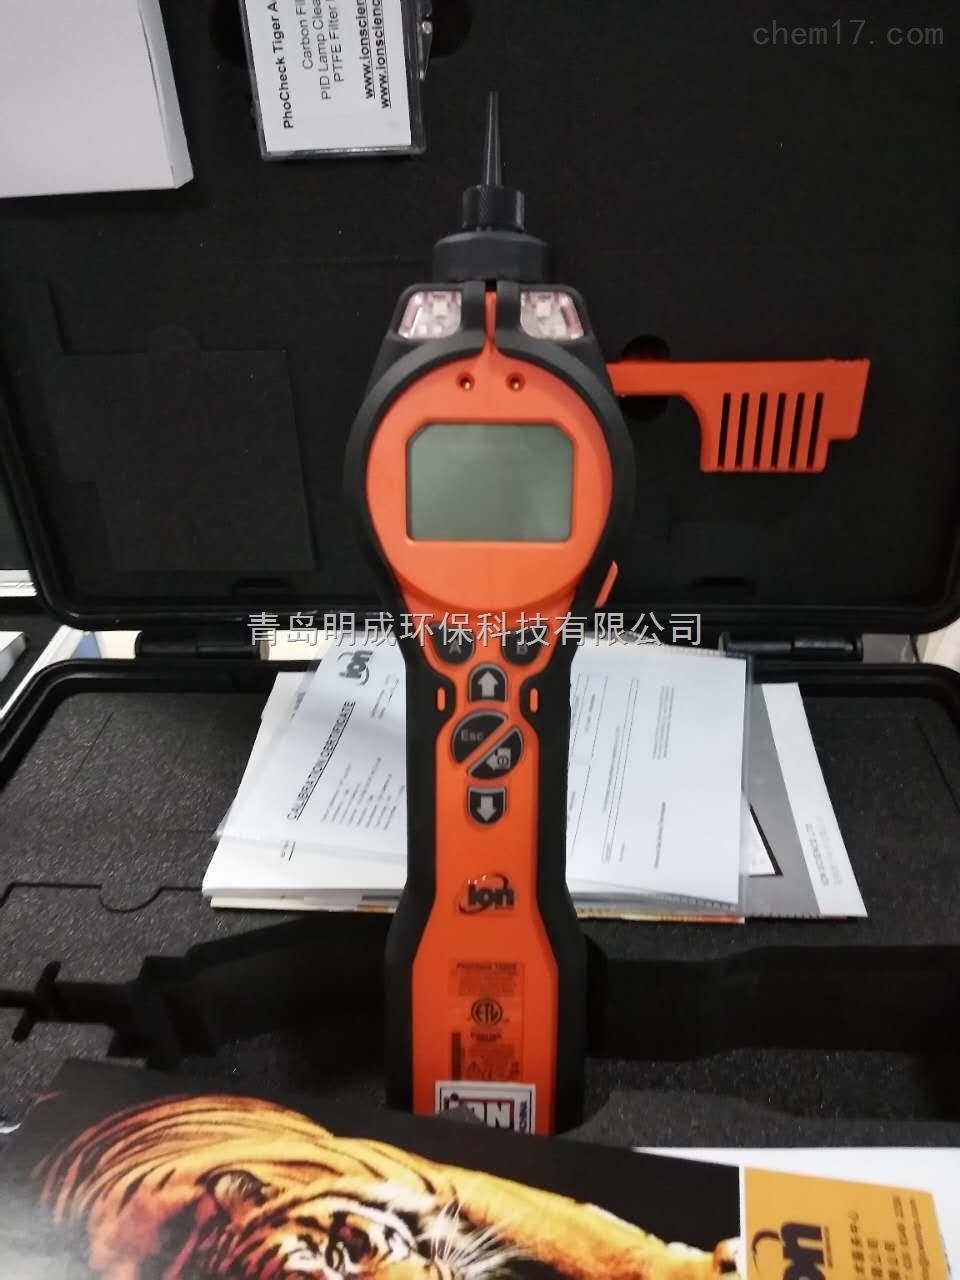 小量程TIGER LT便携式 VOC 气体检测仪